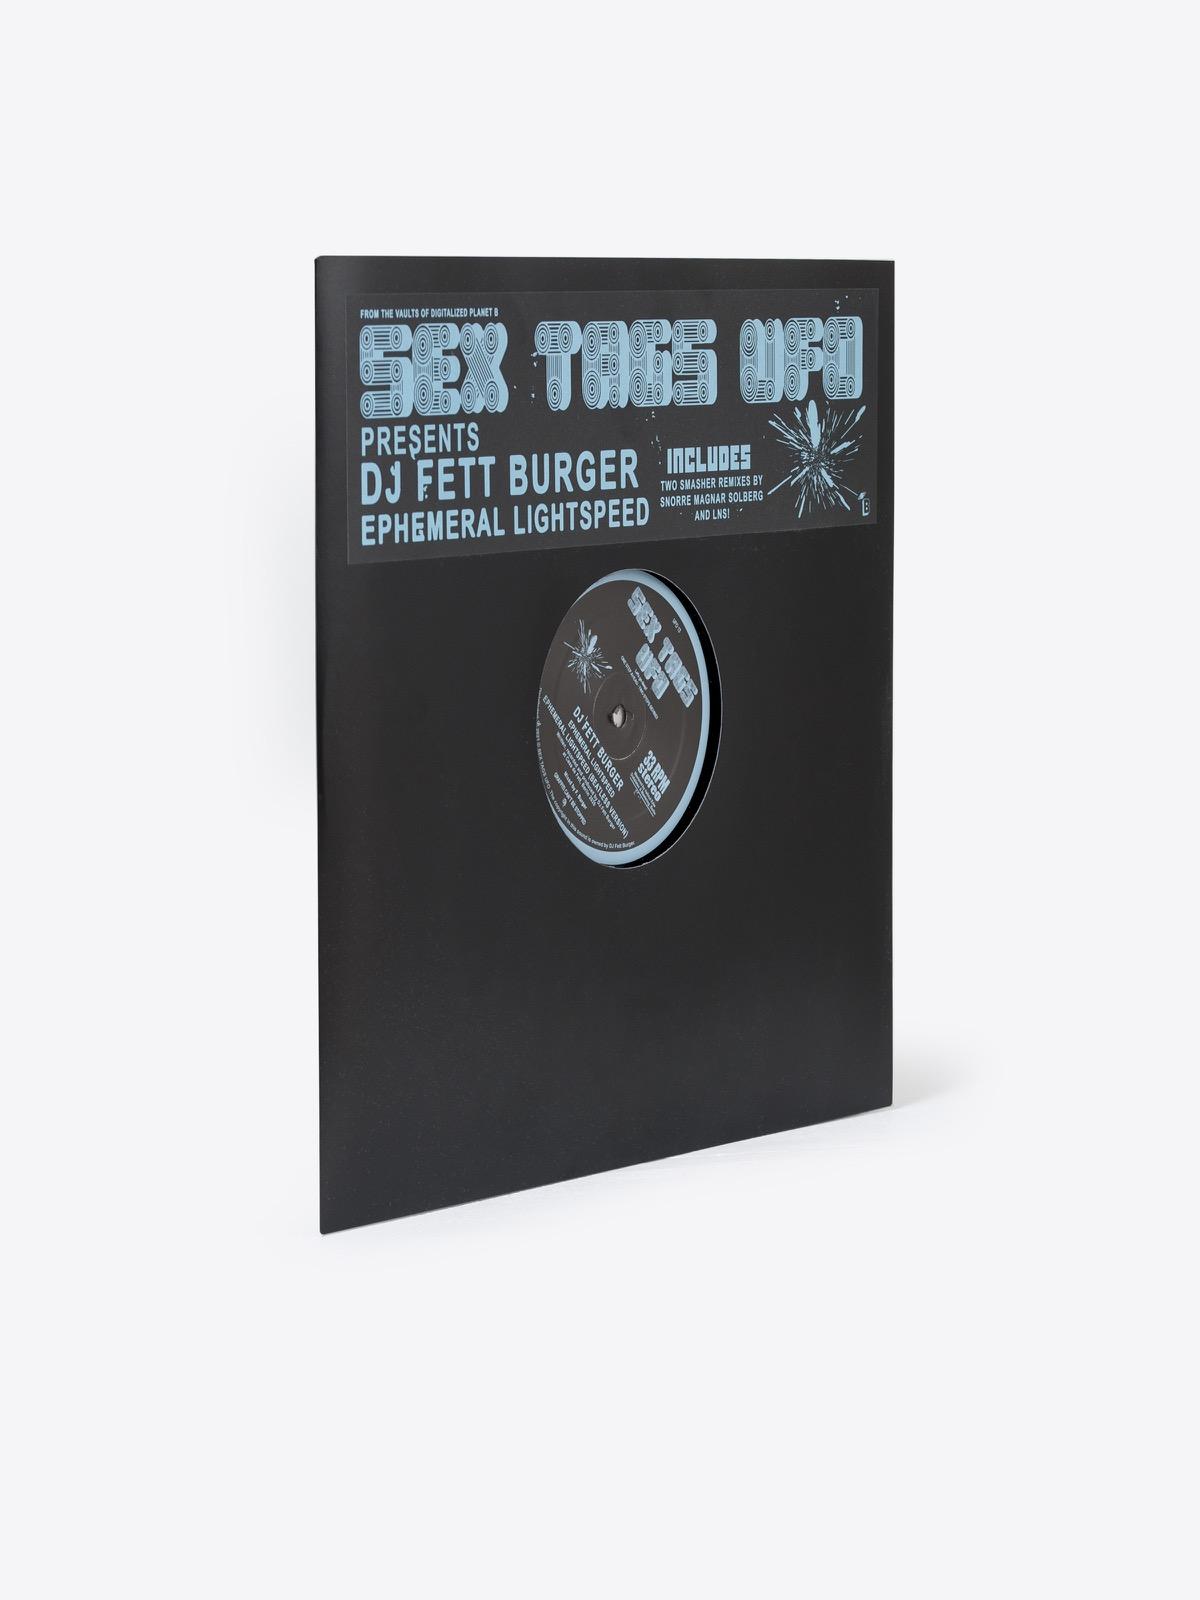 - DJ Fett Burger - Ephemeral Lightspeed